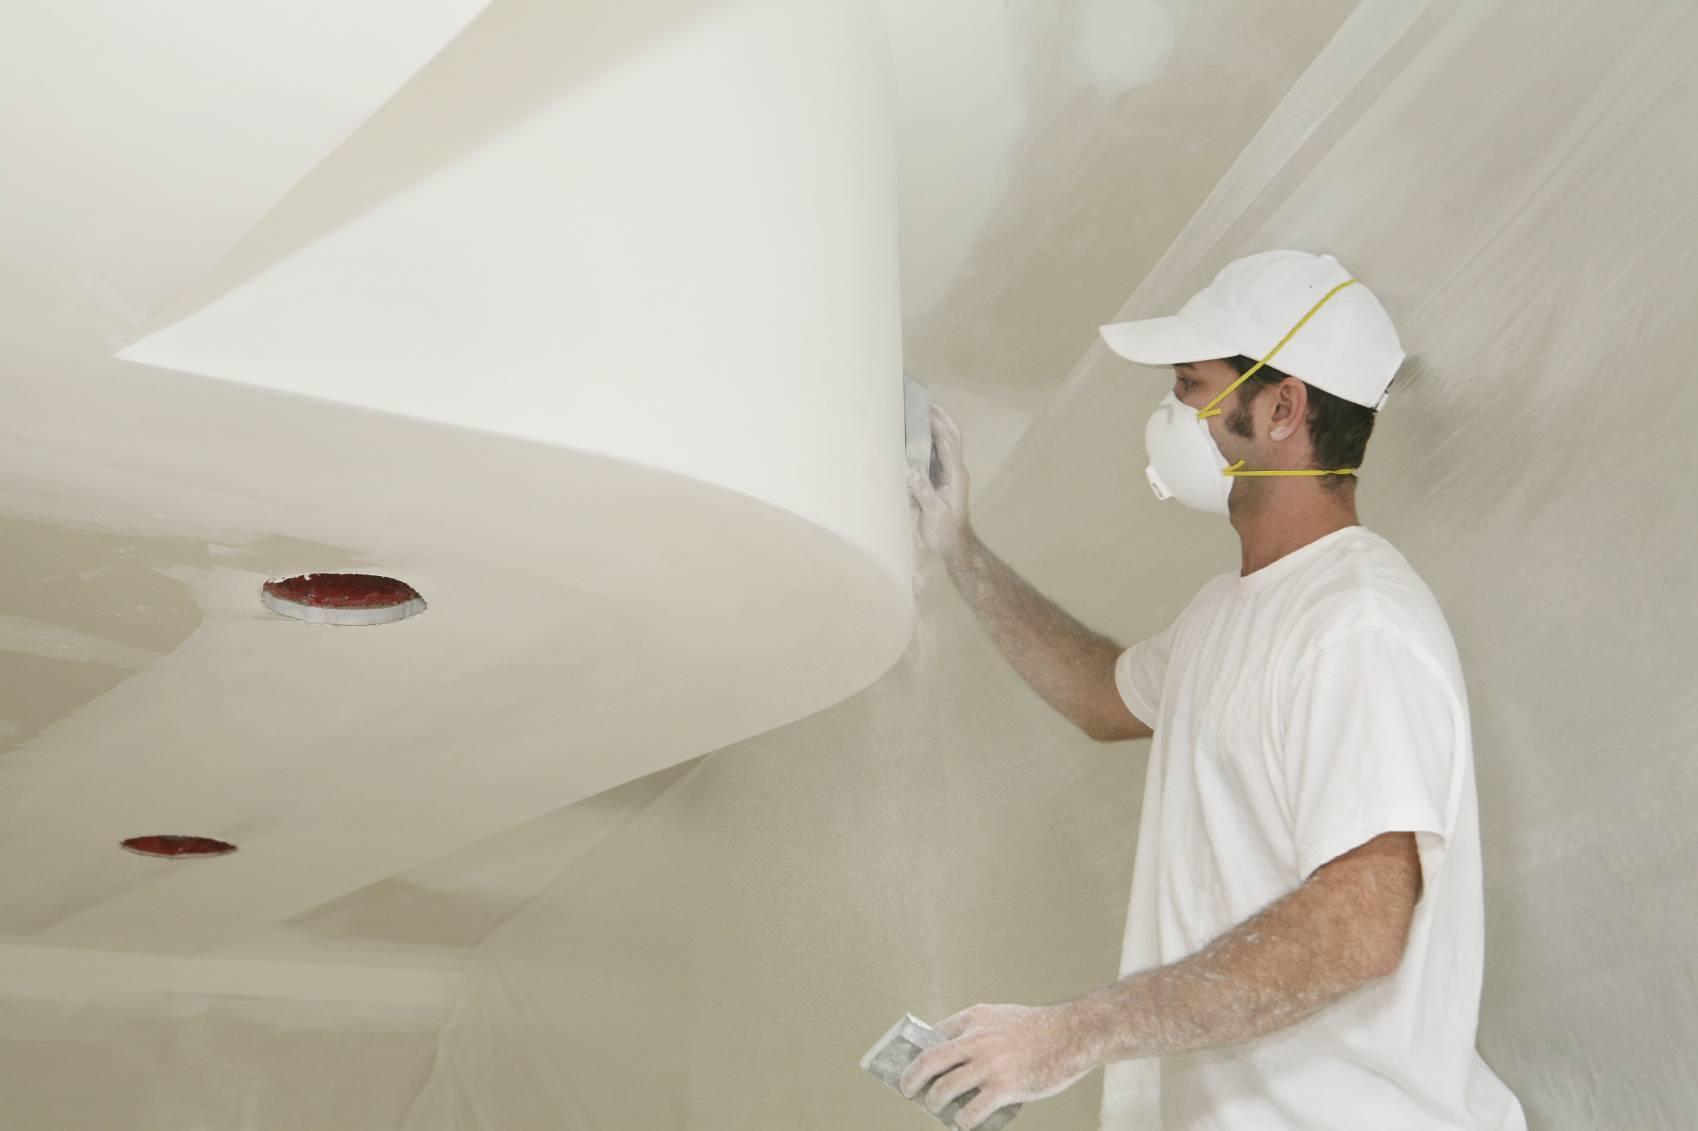 Как правильно шпаклевать потолок под покраску своими руками